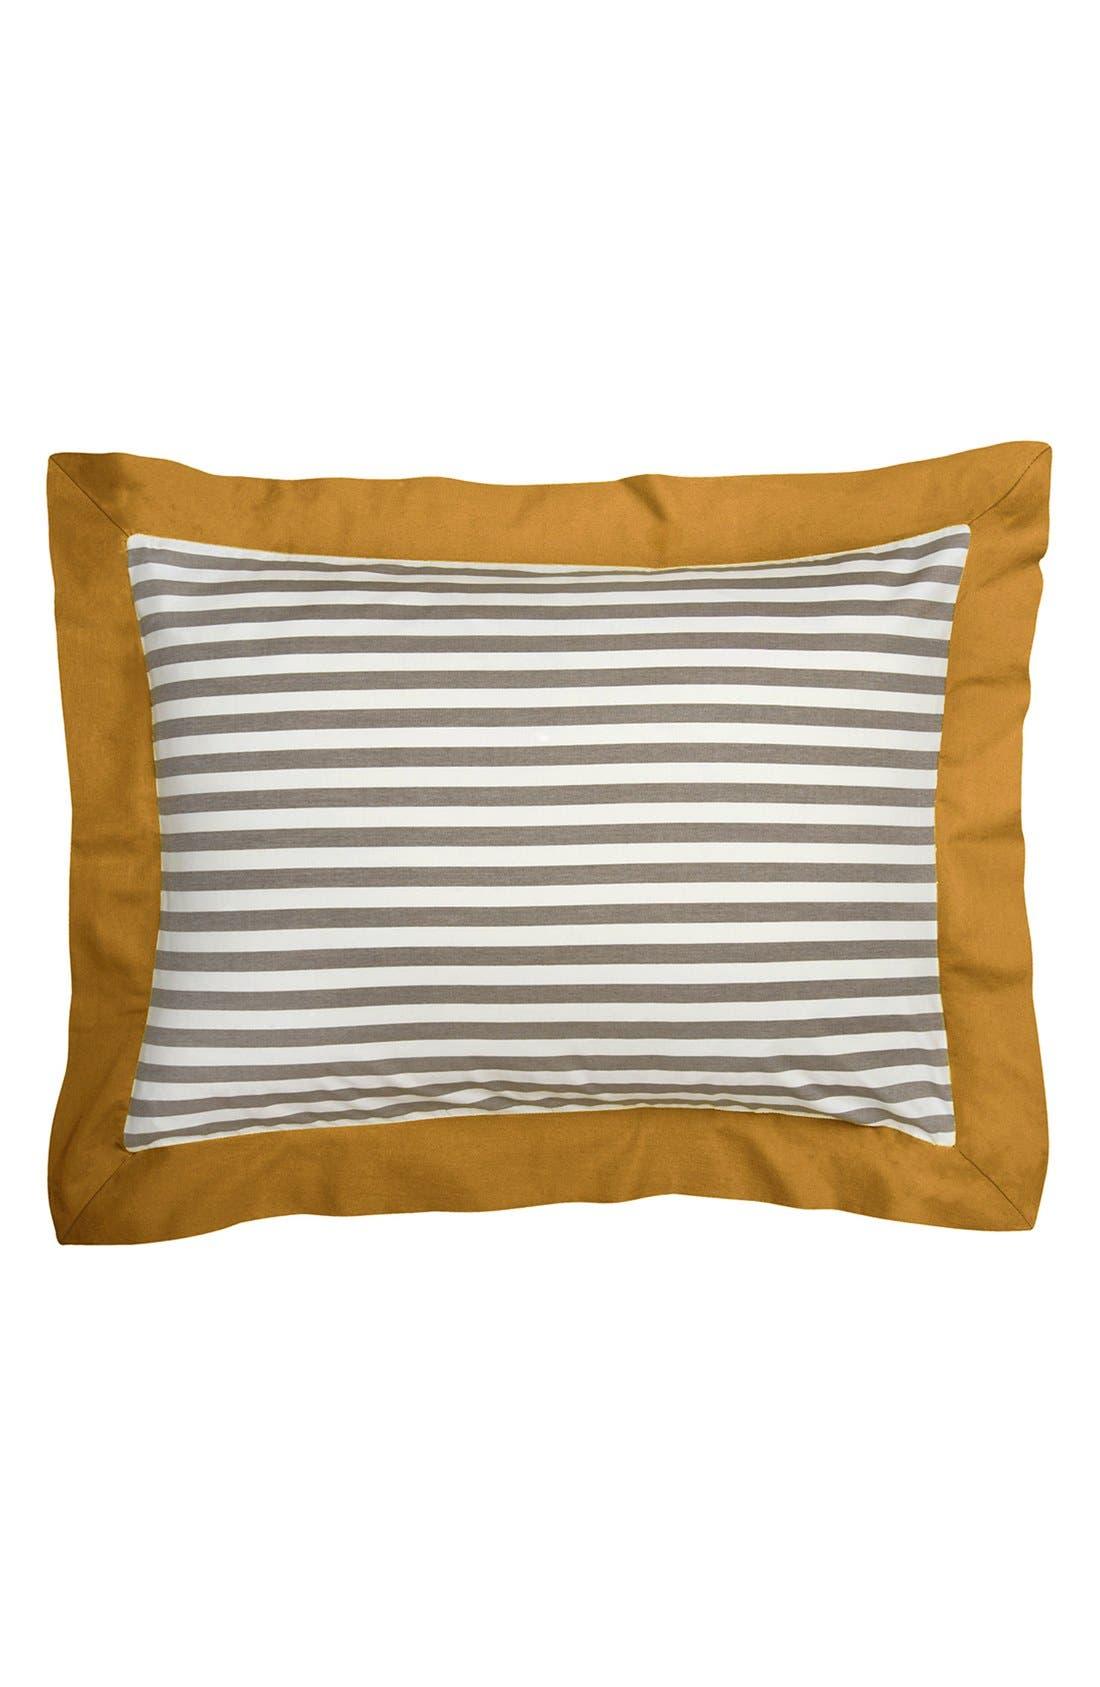 DwellStudio 'Draper' Stripe Shams (Set of 2)